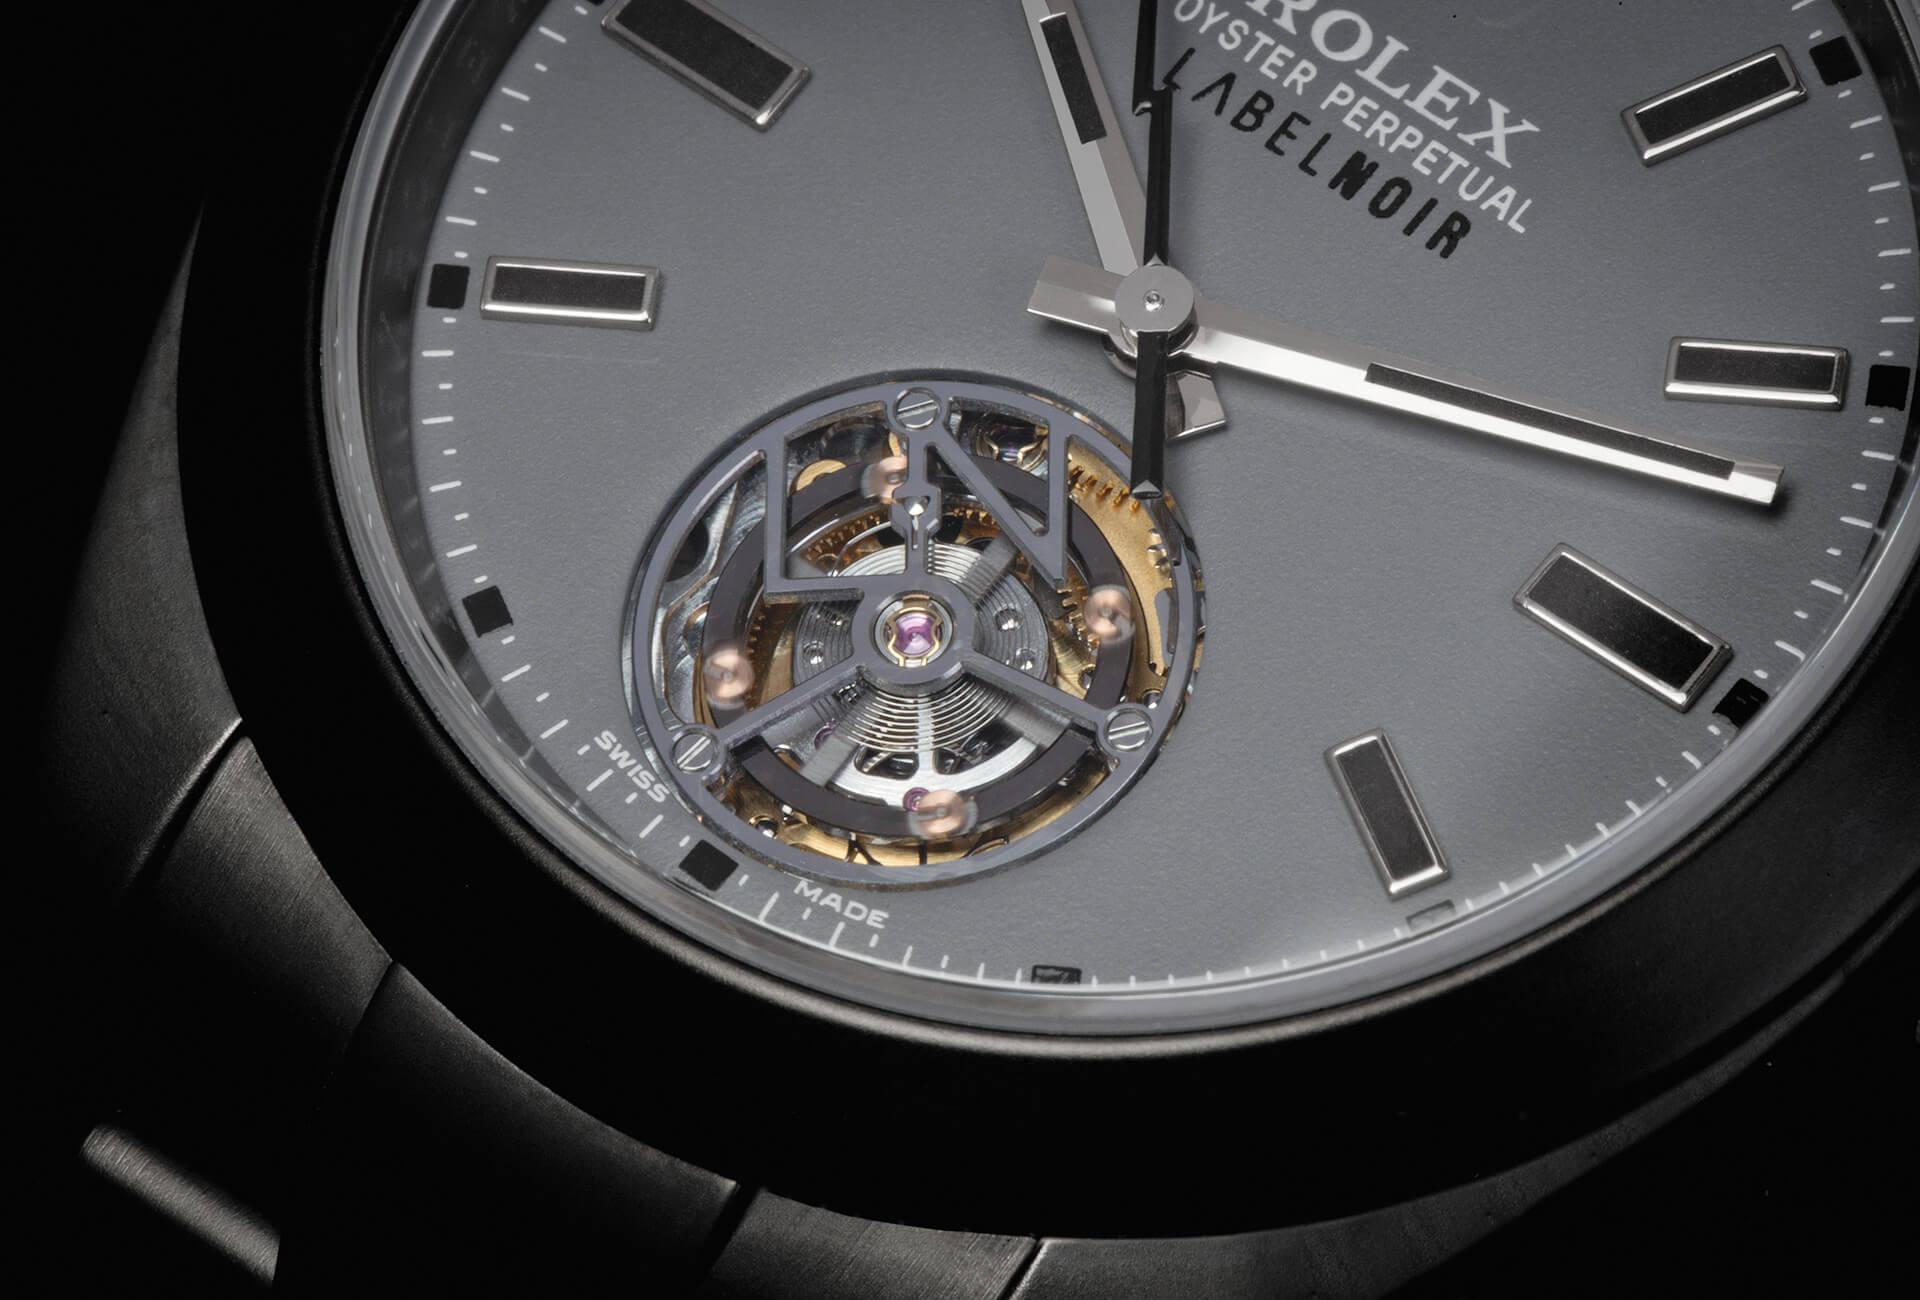 Noir » Configure Rolex Journal Label Fhh Une – « Tourbillon WdBerxoC